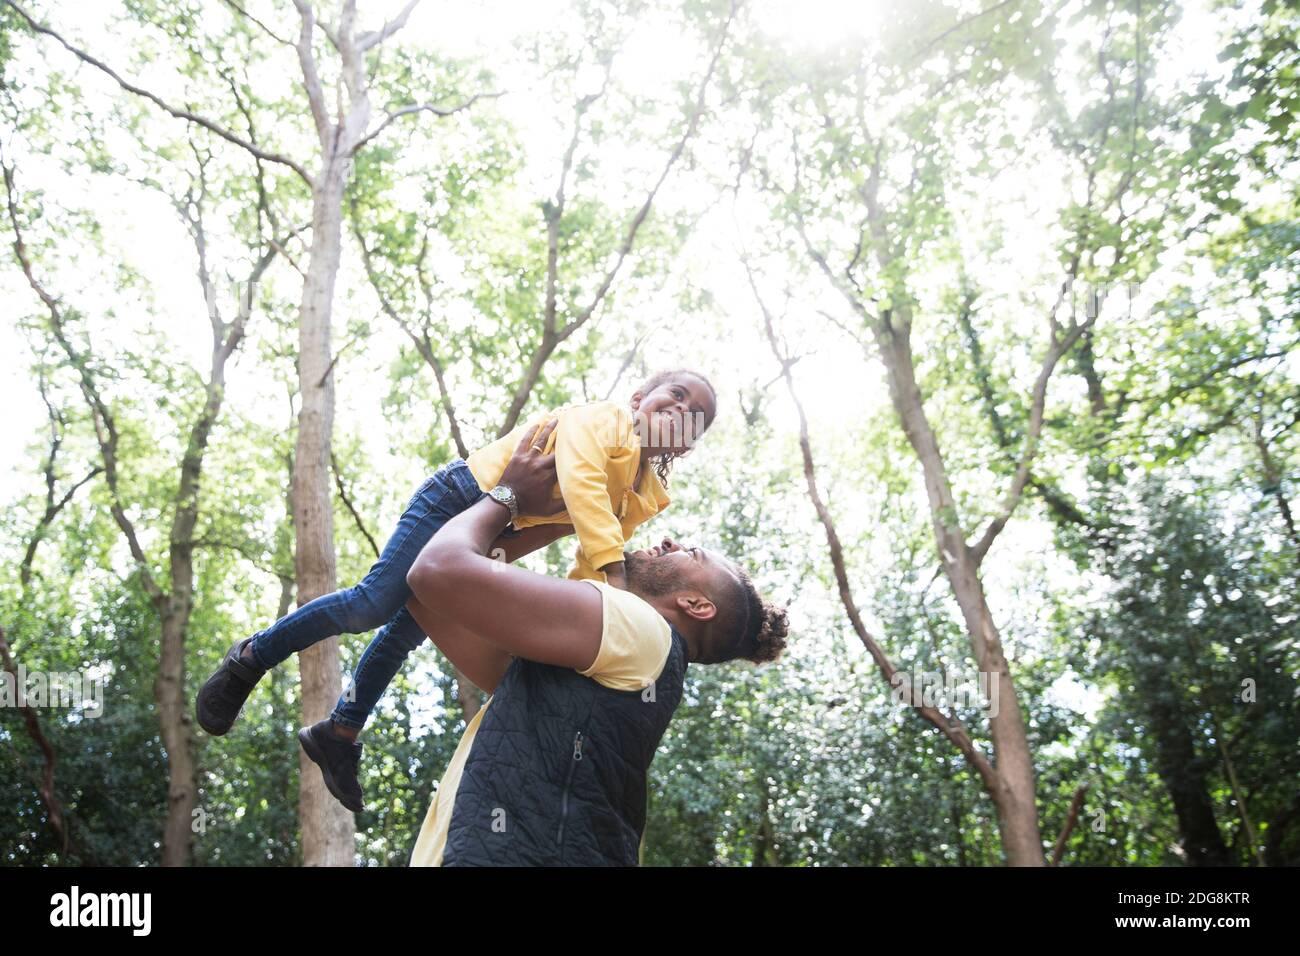 Juguetón padre sin preocupaciones levantando a hija debajo de los árboles en el parque soleado Foto de stock